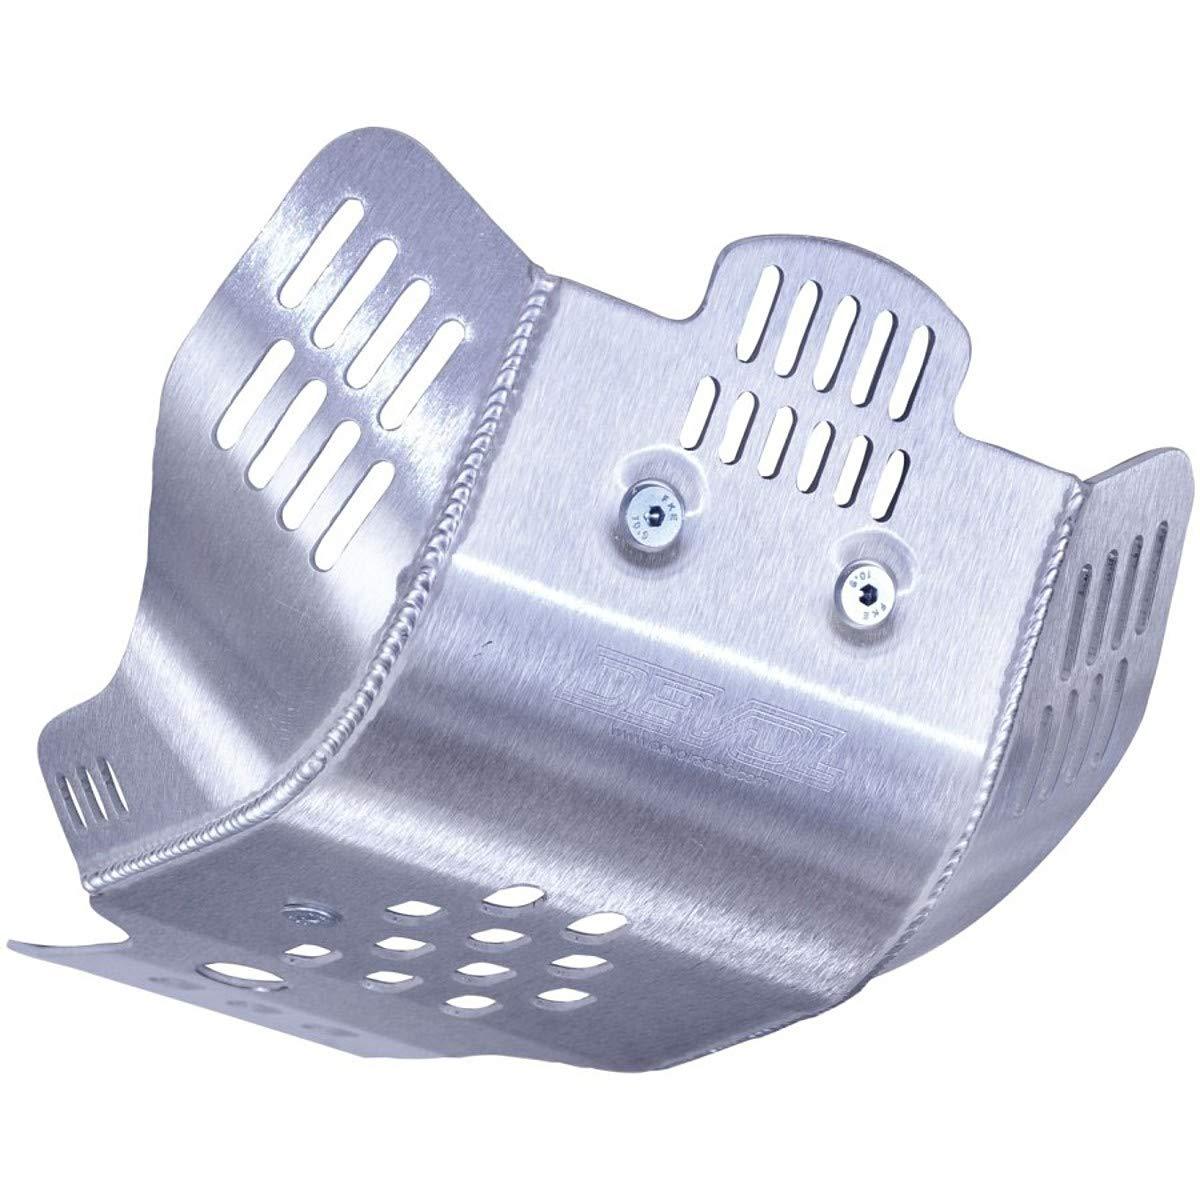 05-17 HONDA CRF450X Devol Skid Plate